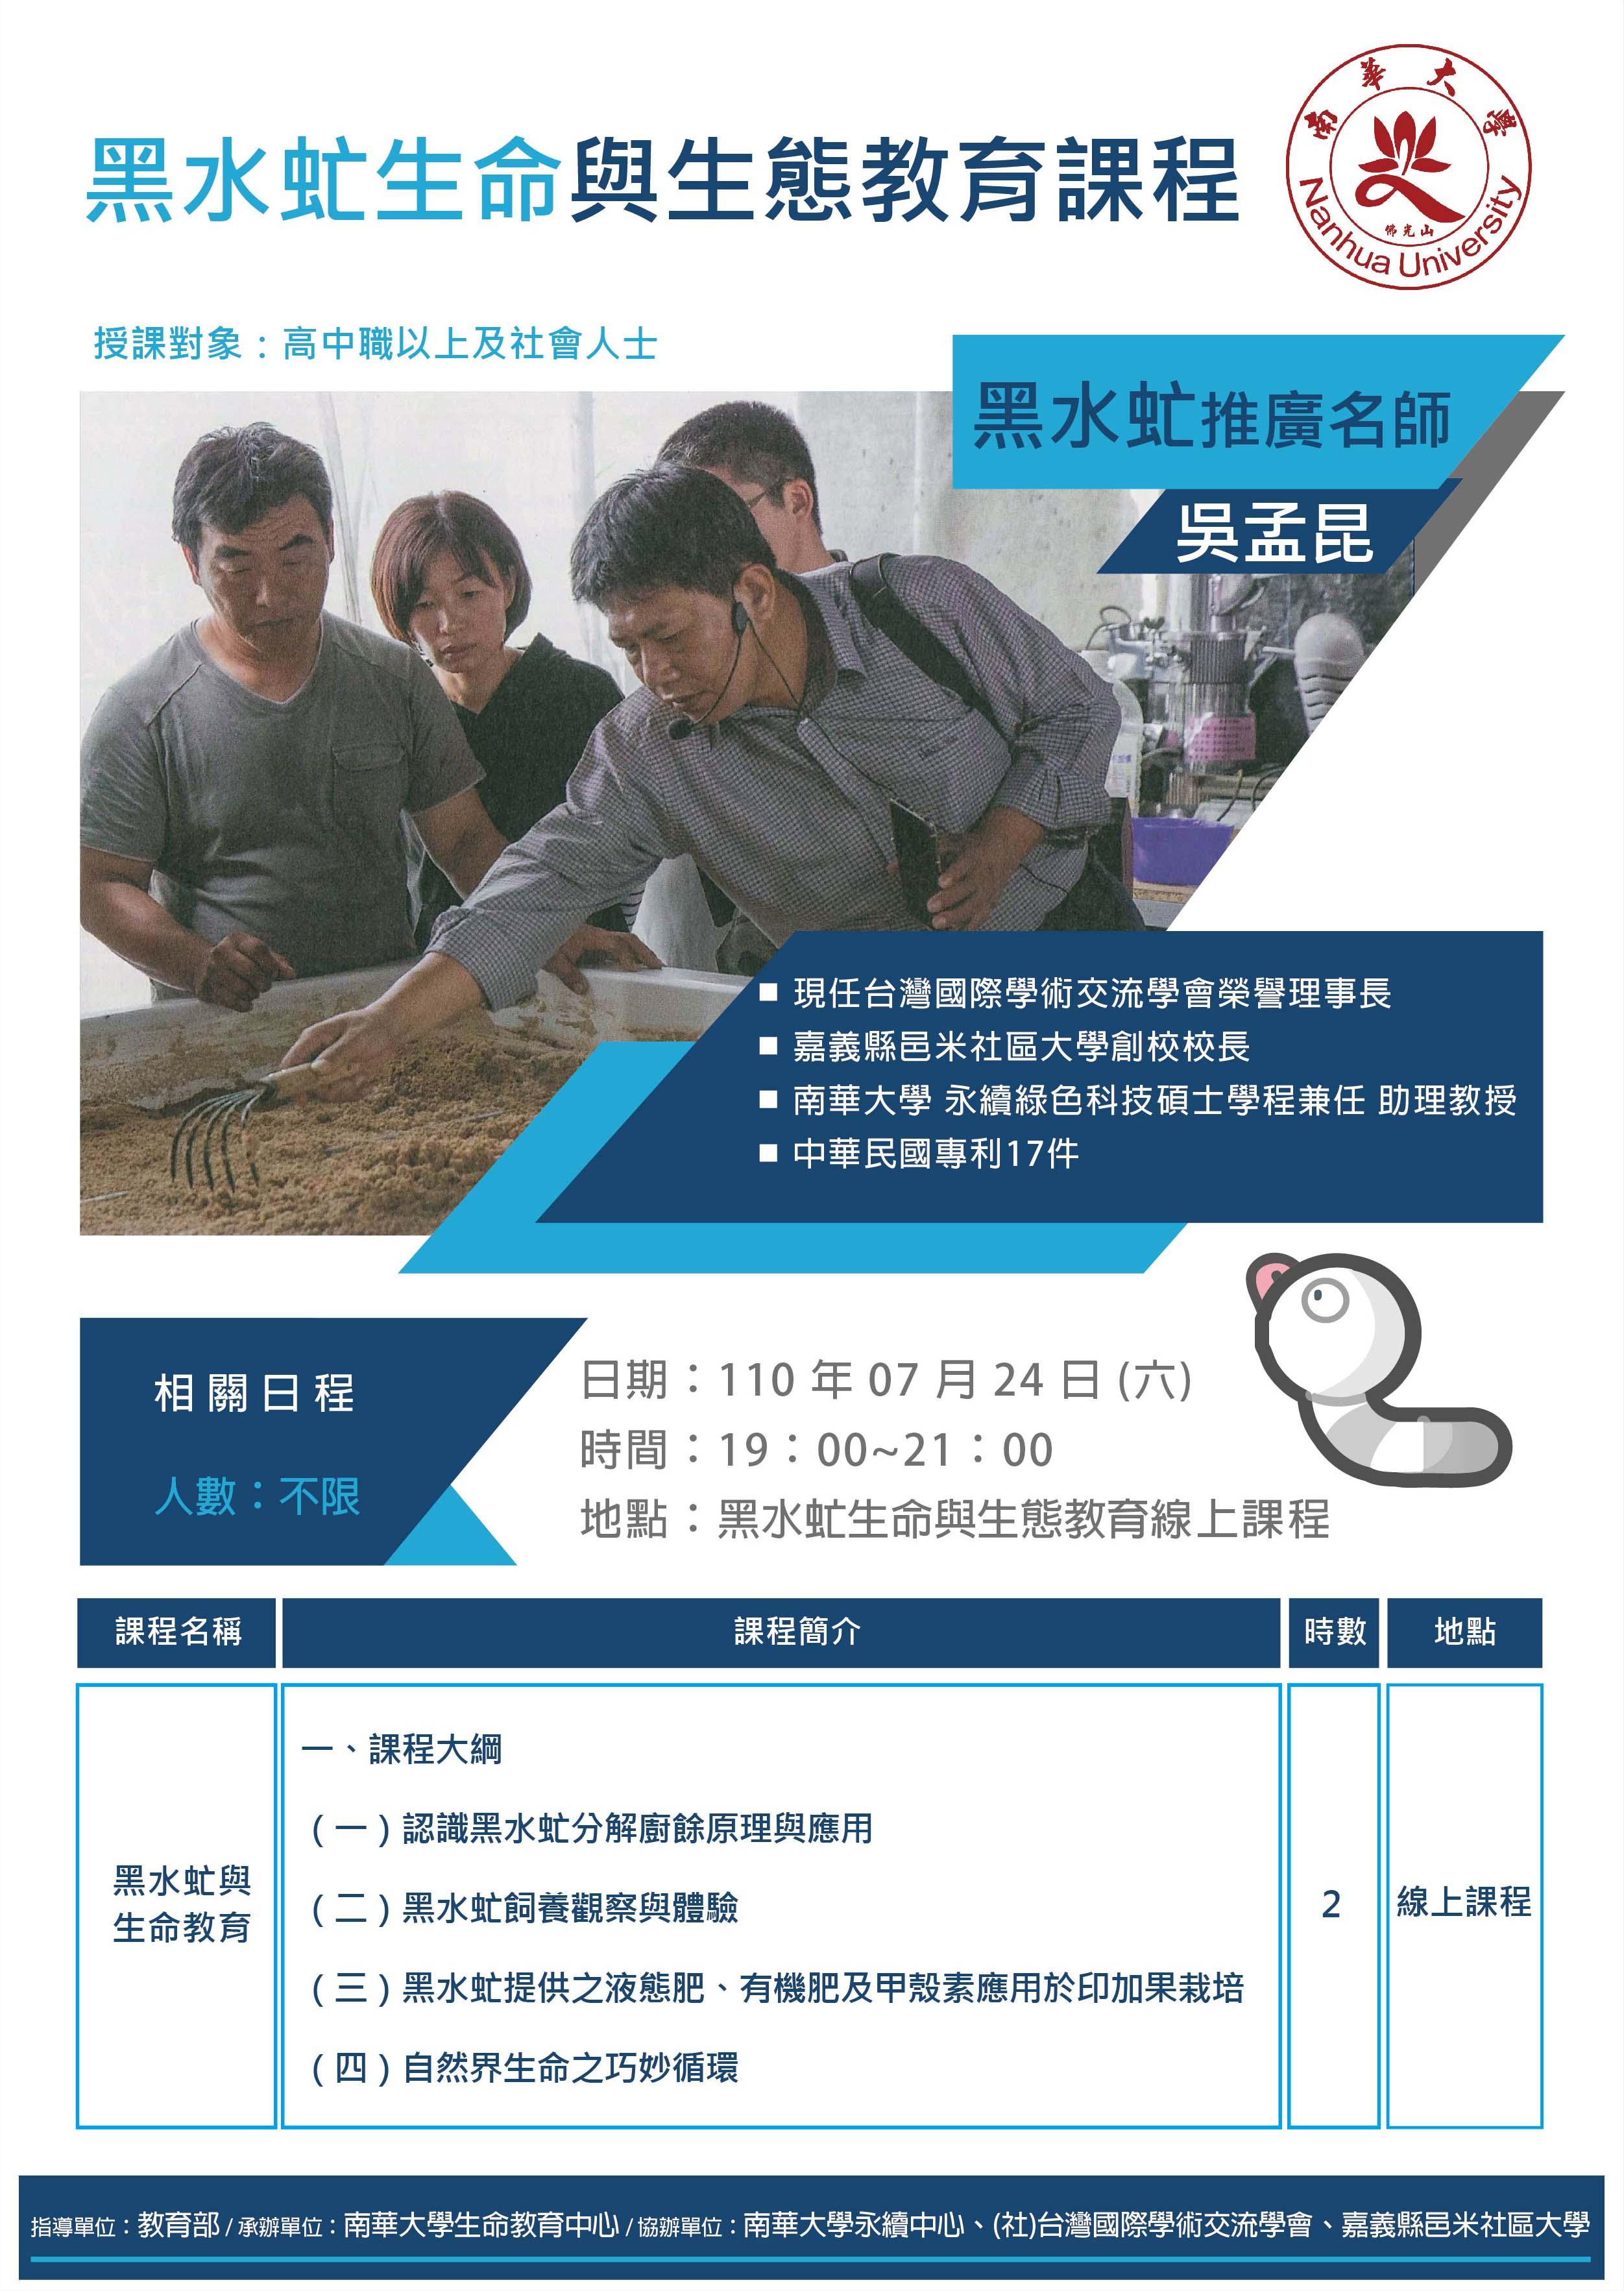 南華大學黑水虻與生命教育課程線上免費課程